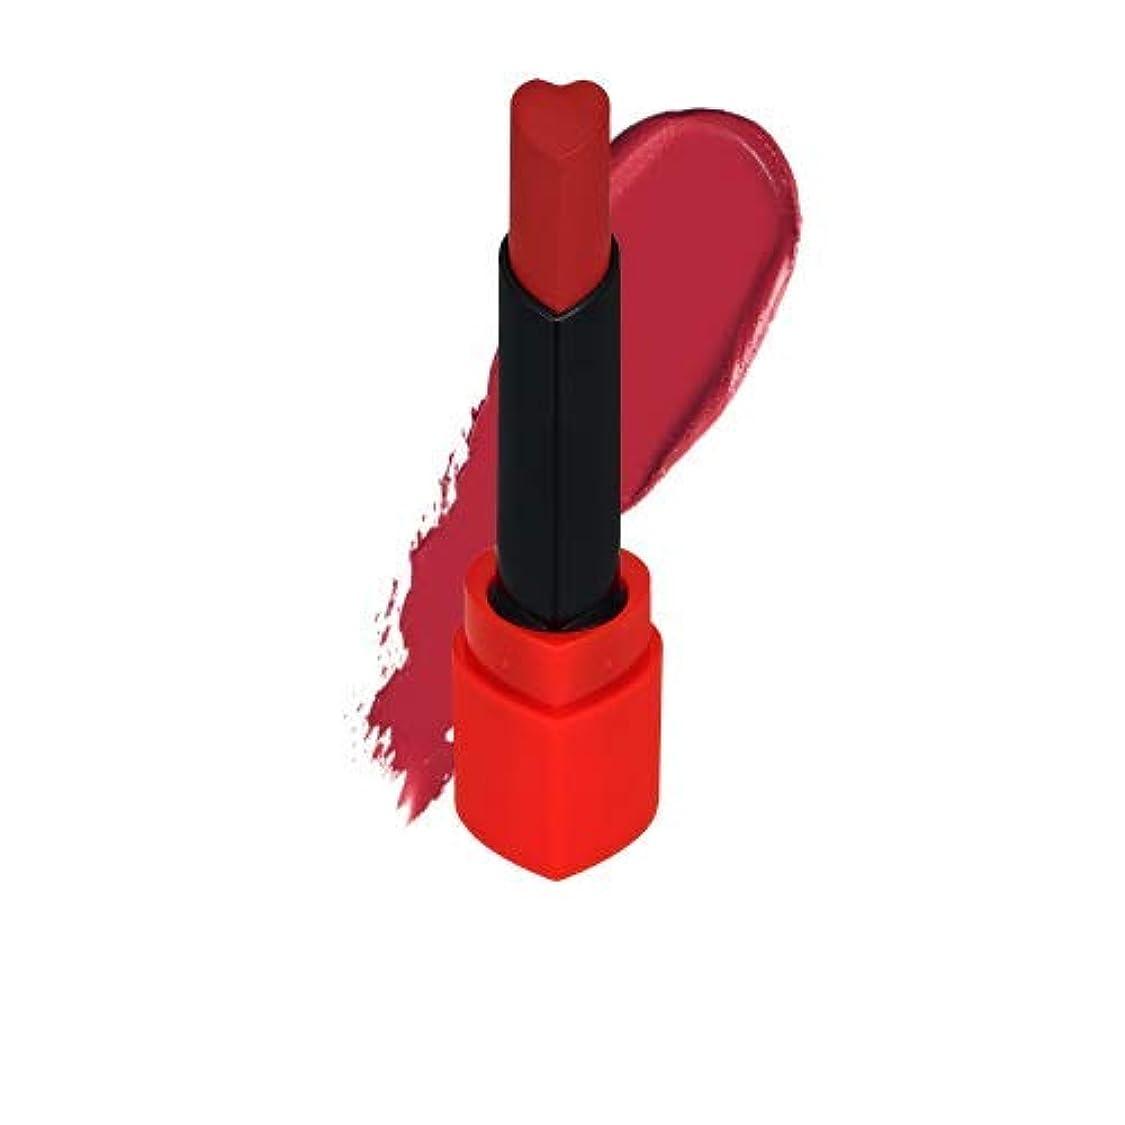 台無しに速報繕うホリカホリカ ハートクラッシュ?メルティング?リップスティック HOLIKA HOLIKA Heart Crush Melting Lipstick 1.8g (# BE03 SALT CARAMEL) [並行輸入品]